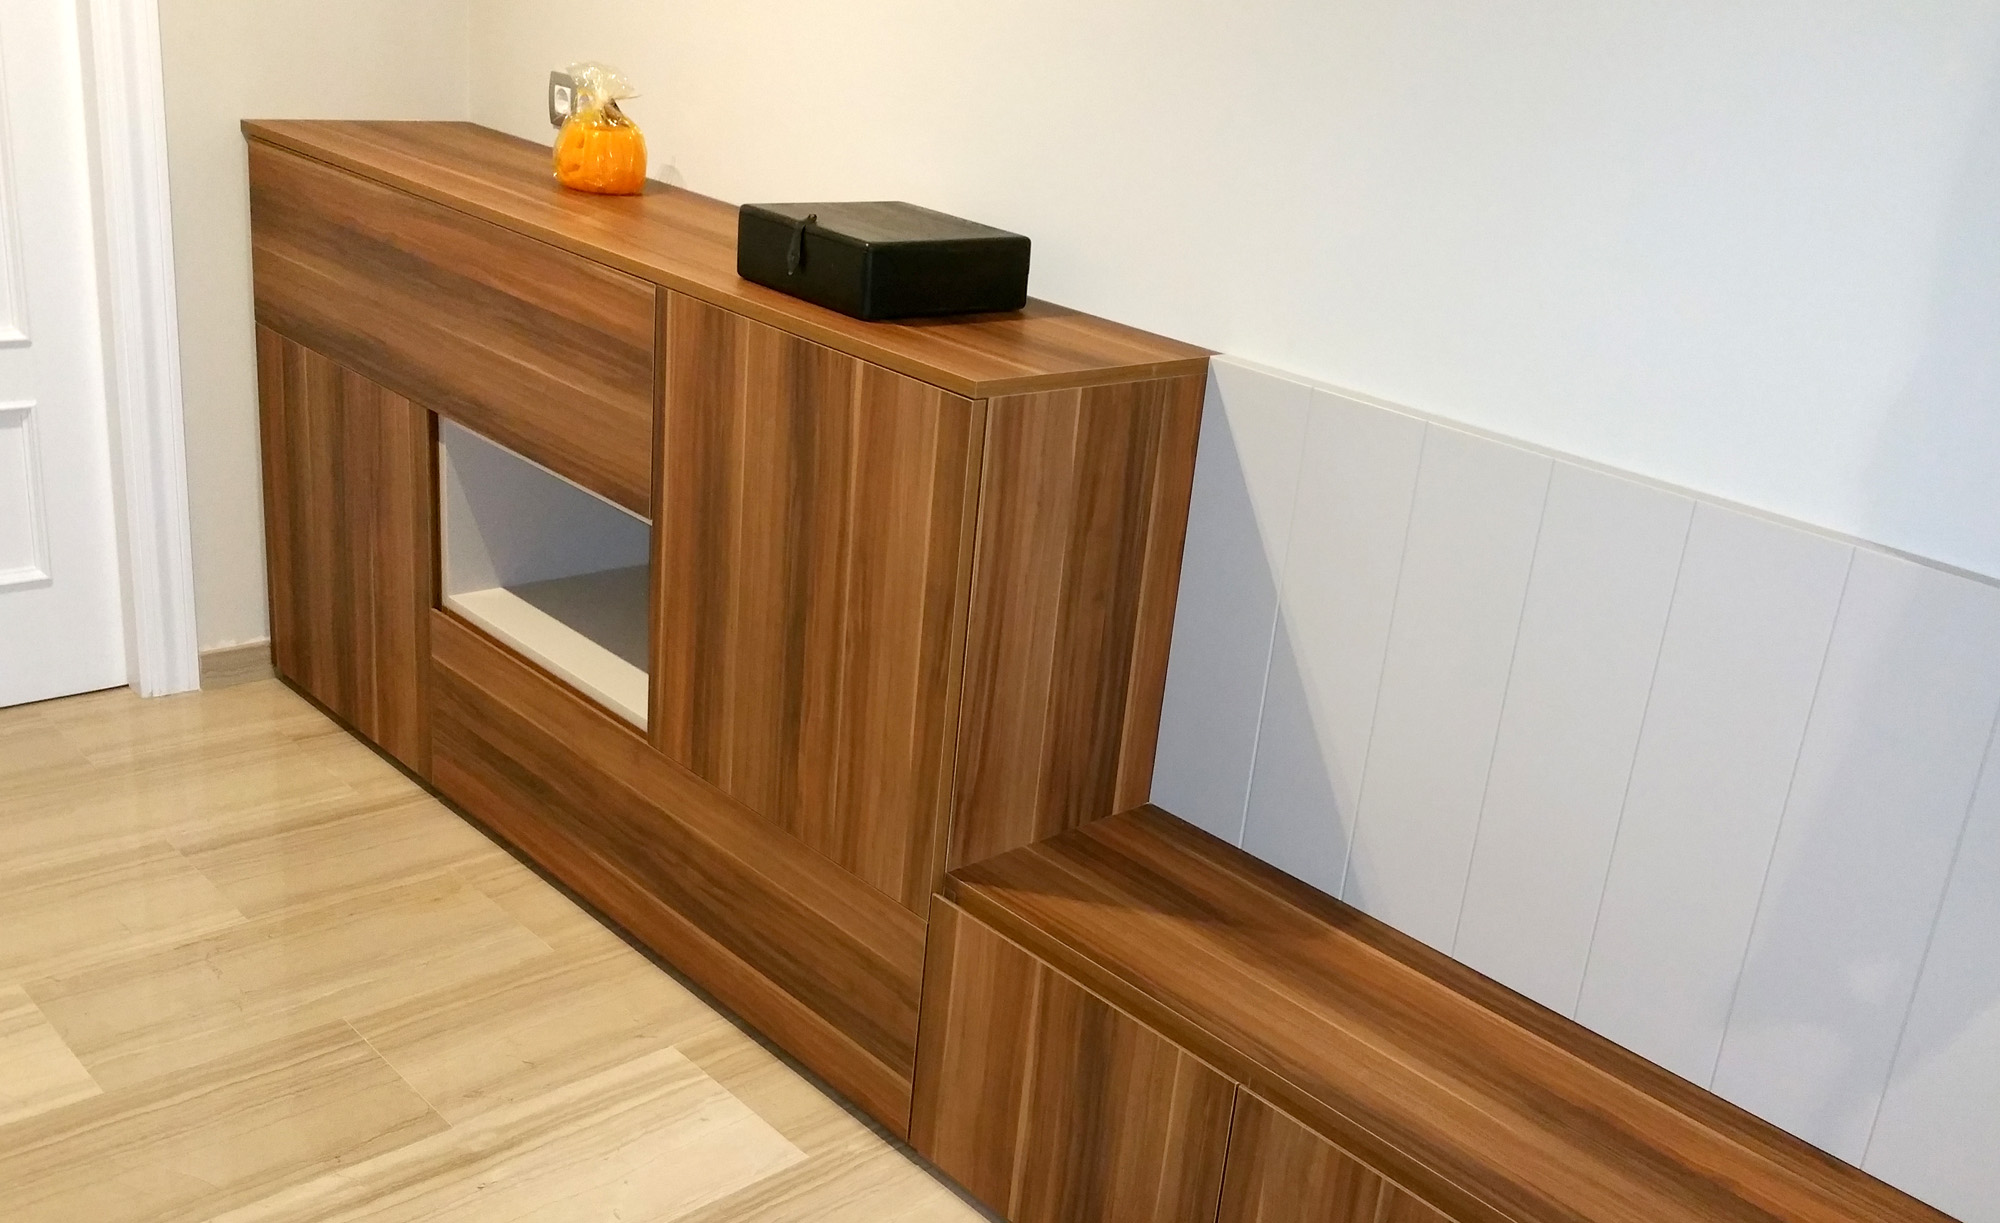 Mueble recibidor a medida en melamina color imitación madera y laca satinada con tirador uñero a inglete